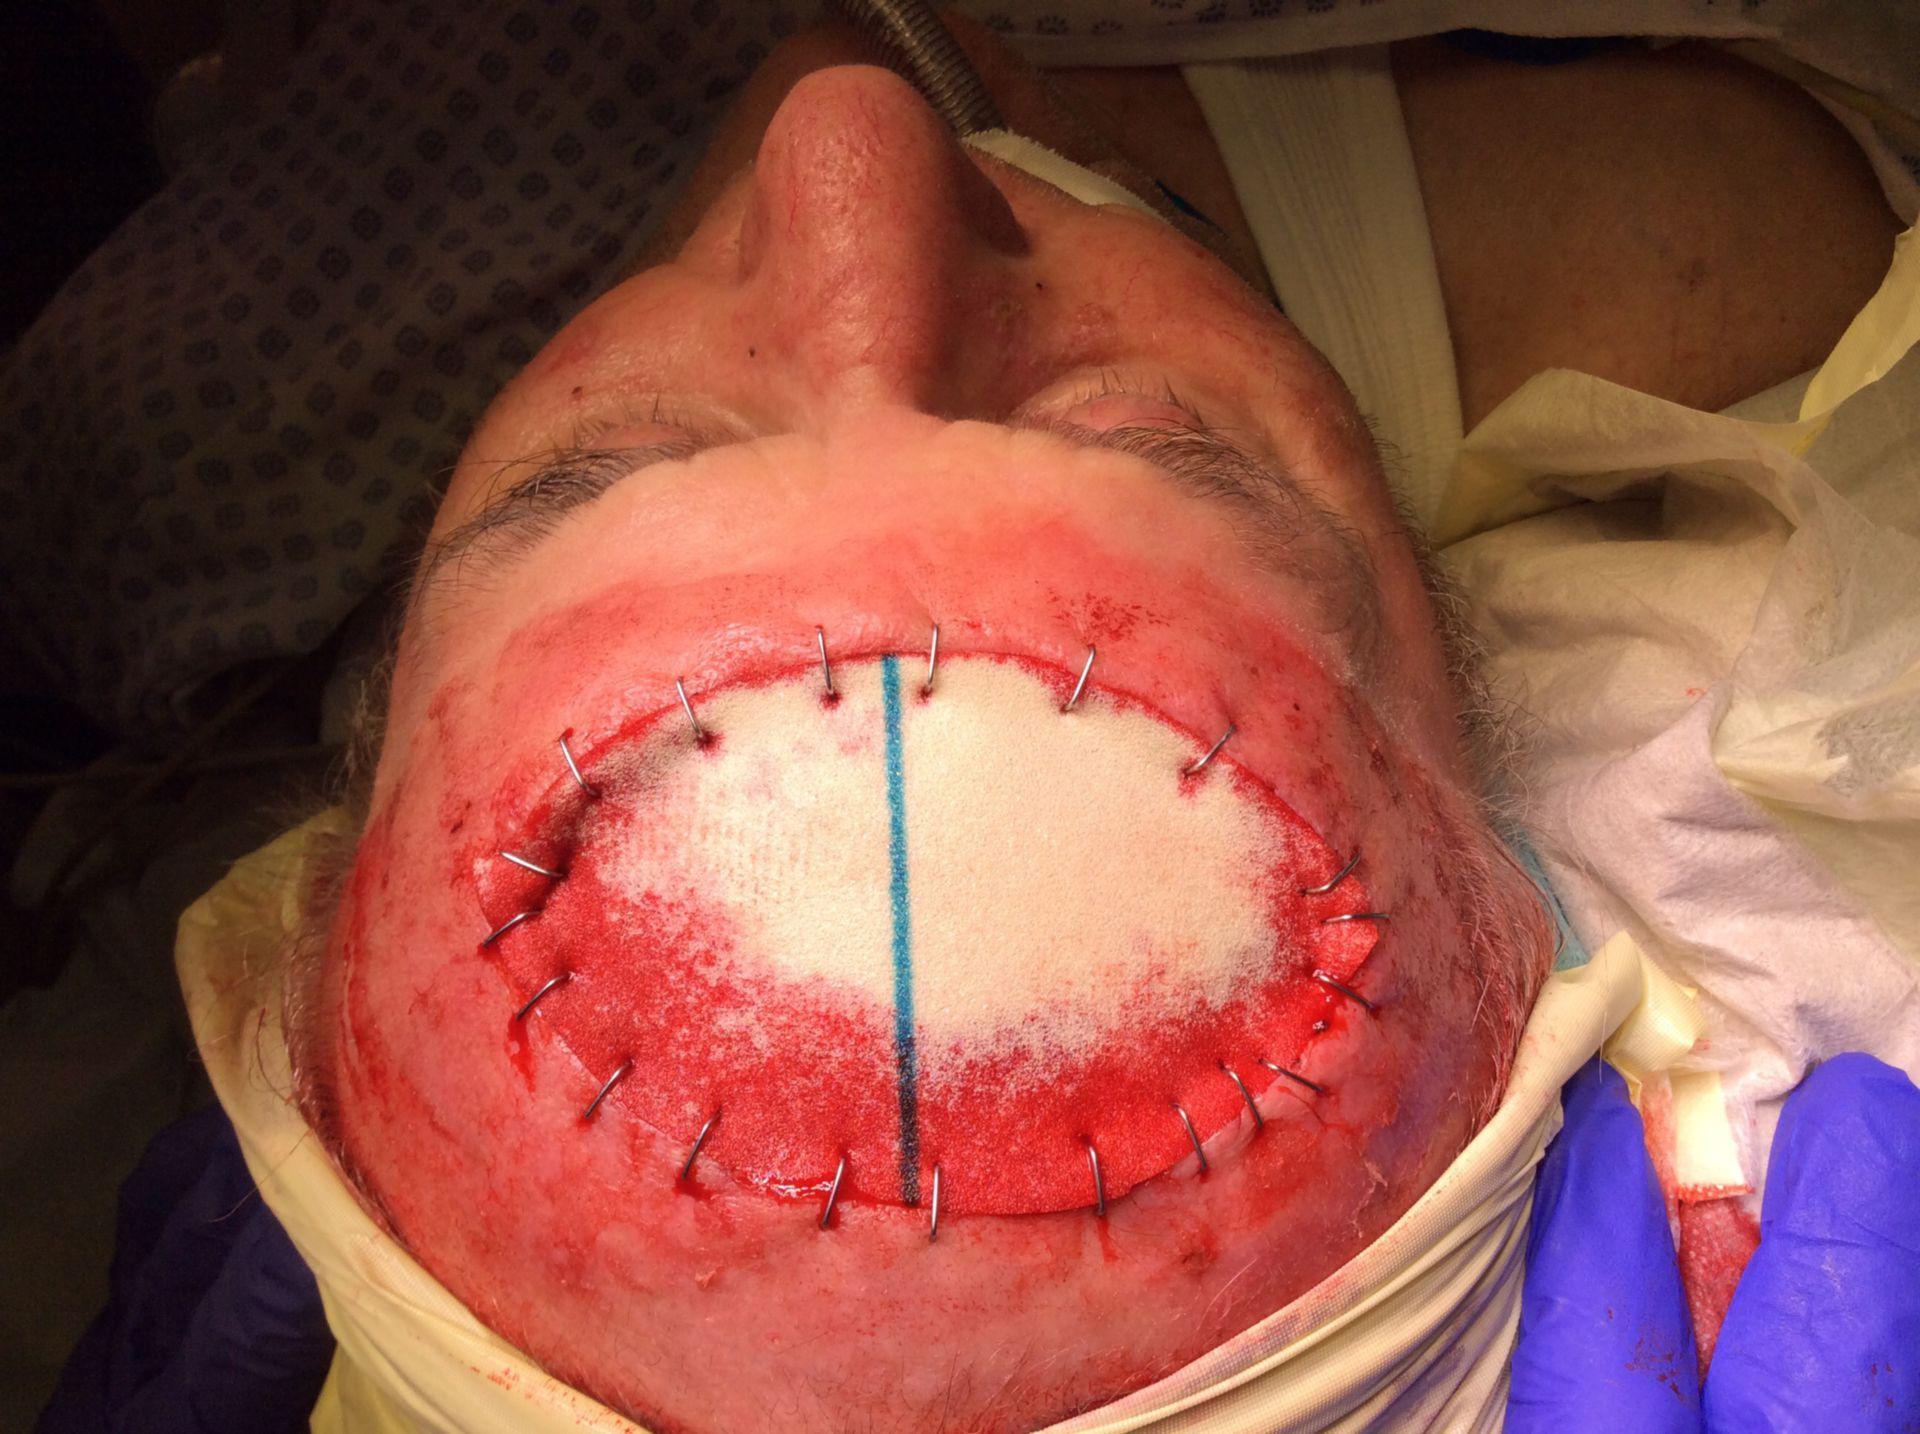 Plattenepithelkarzinom der Kopfschwarte